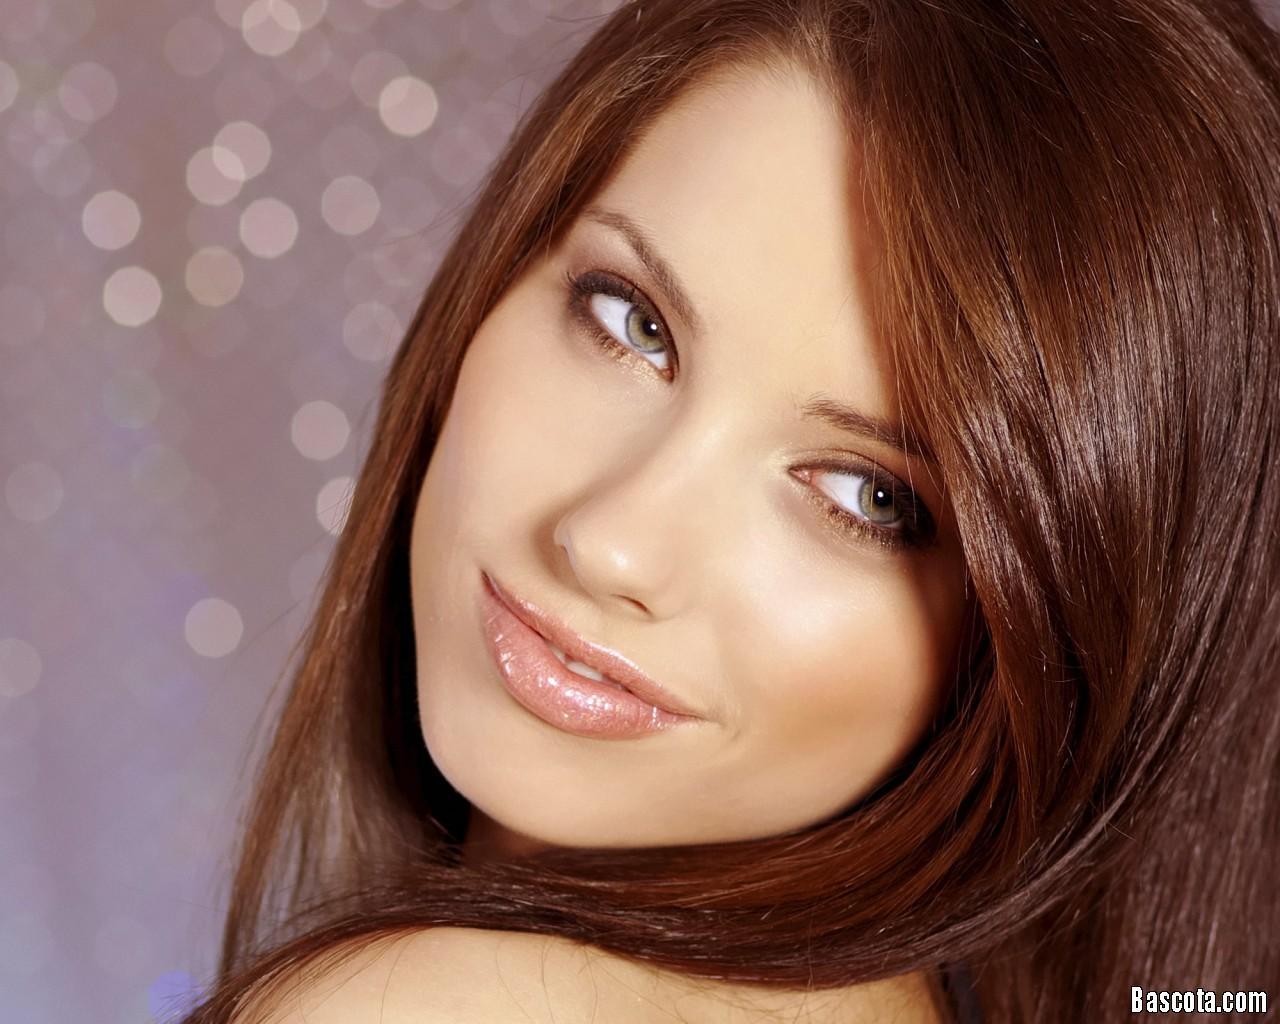 بالصور صور بنات جميله , اجمل صور البنات 5713 5